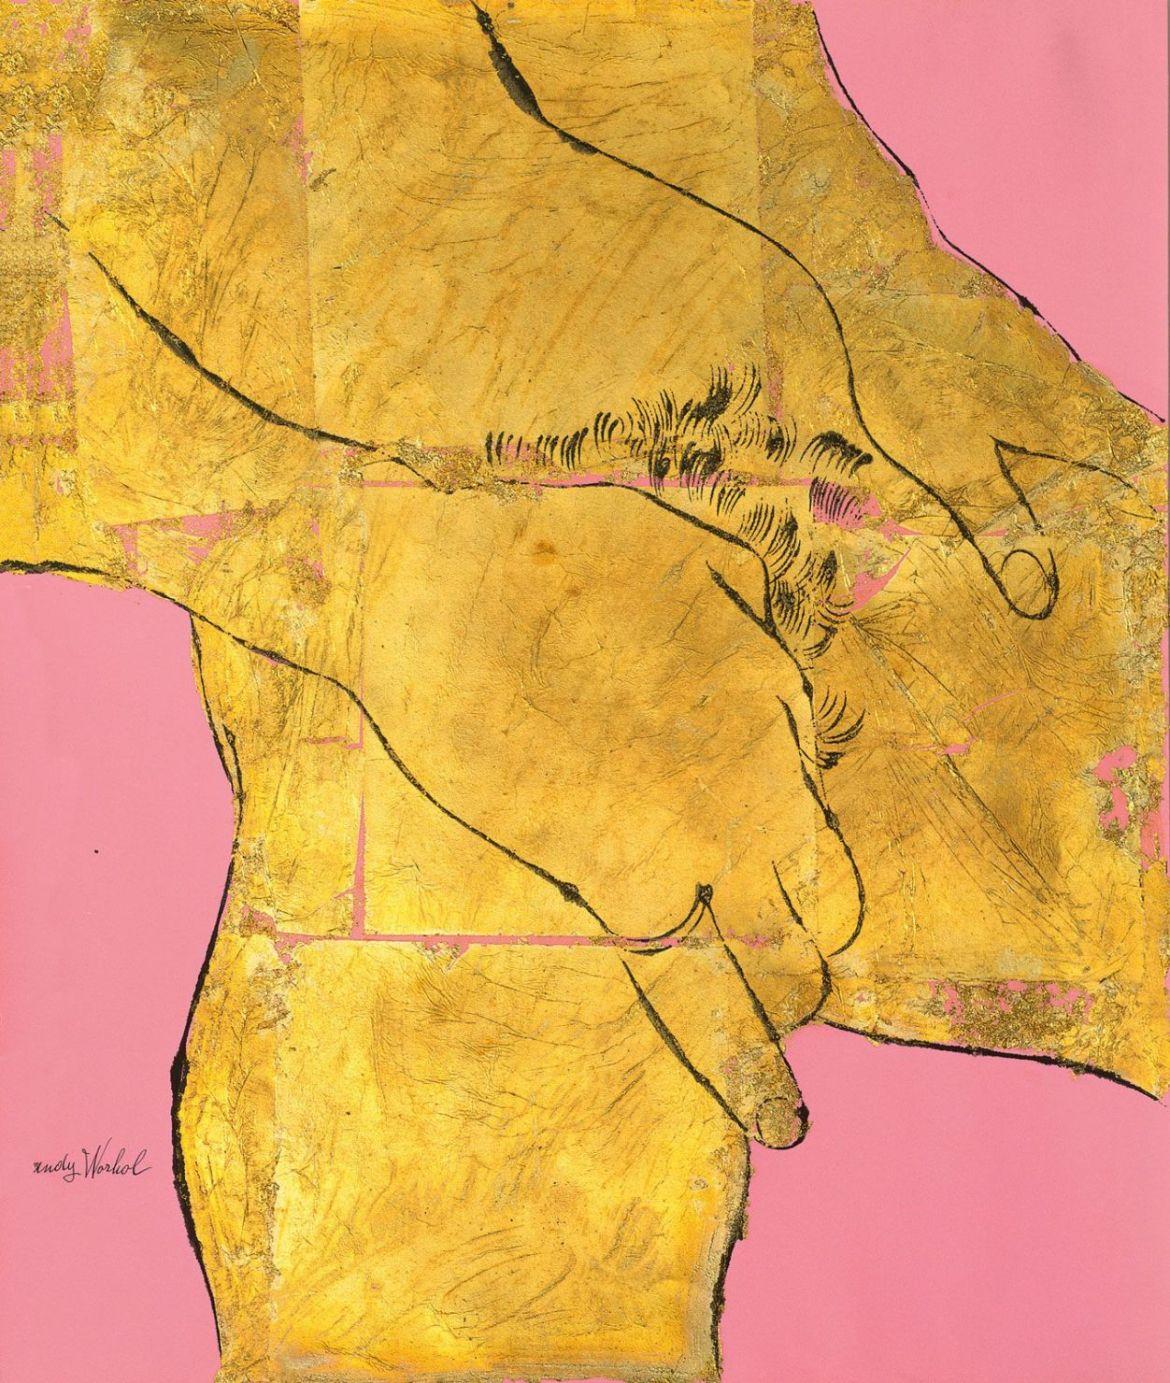 Las obras eróticas de Andy Warhol que tal vez no conocías - andy-warhol-dibujos